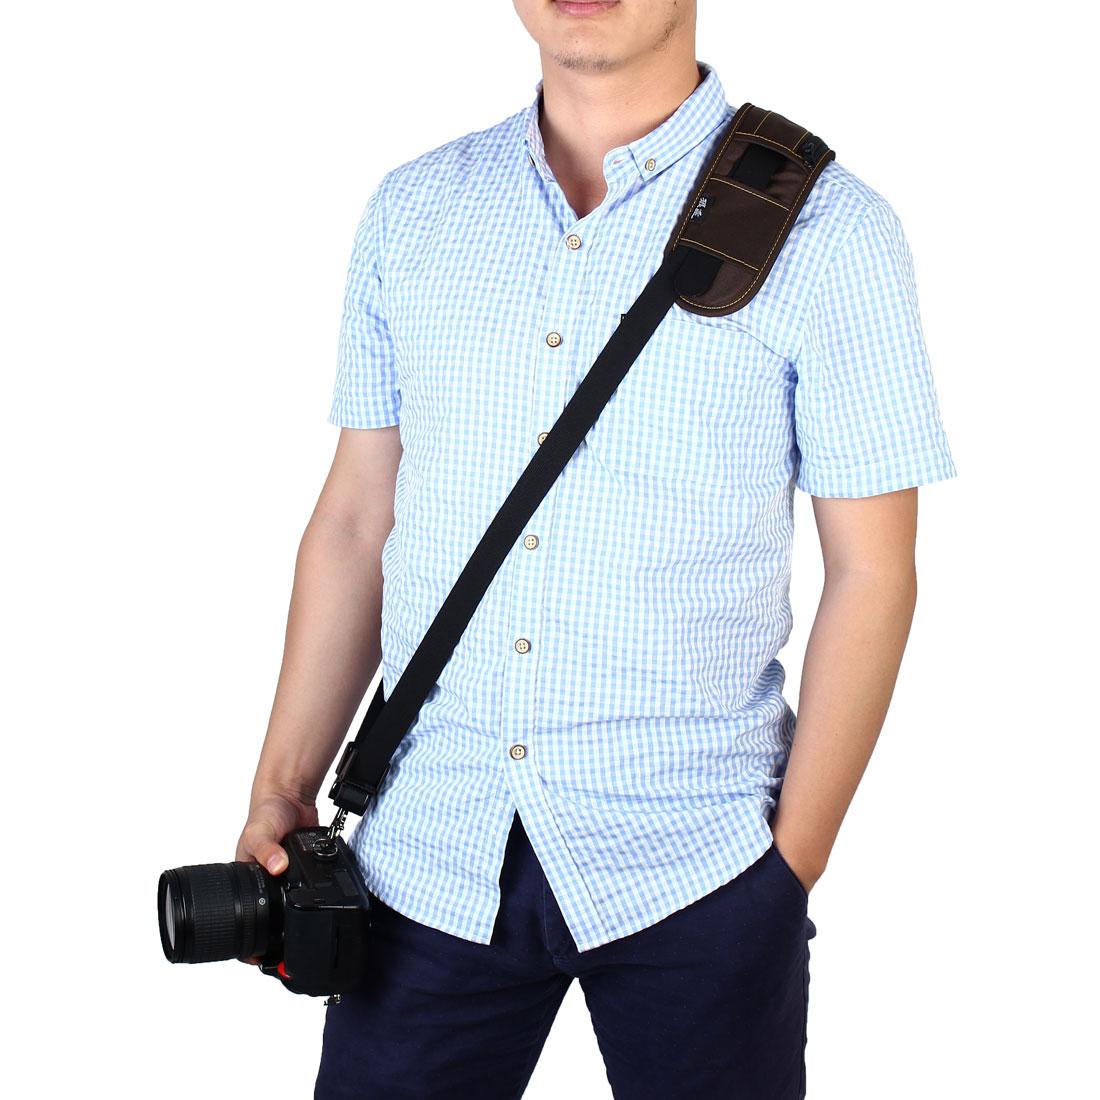 SHETU Authorized Universal Digital SLR Camera Belt Strap Brown for DSLR